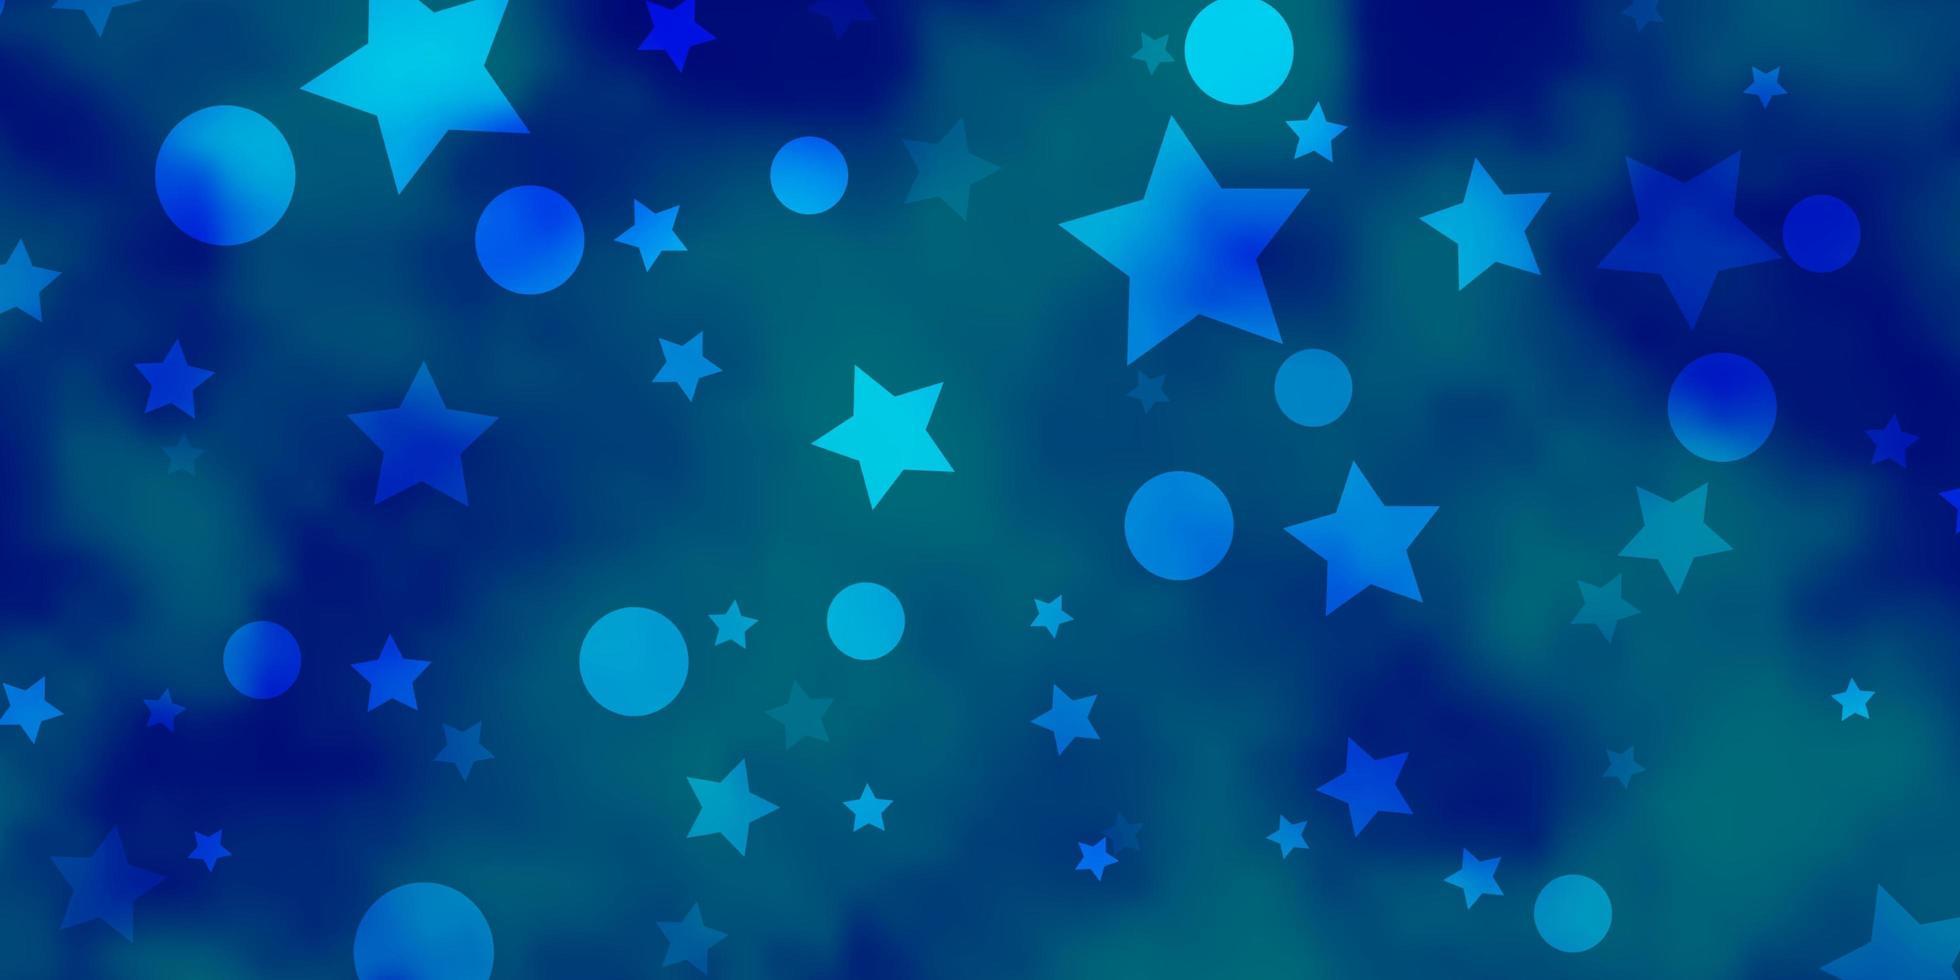 blaues Muster mit Kreisen, Sternen. vektor